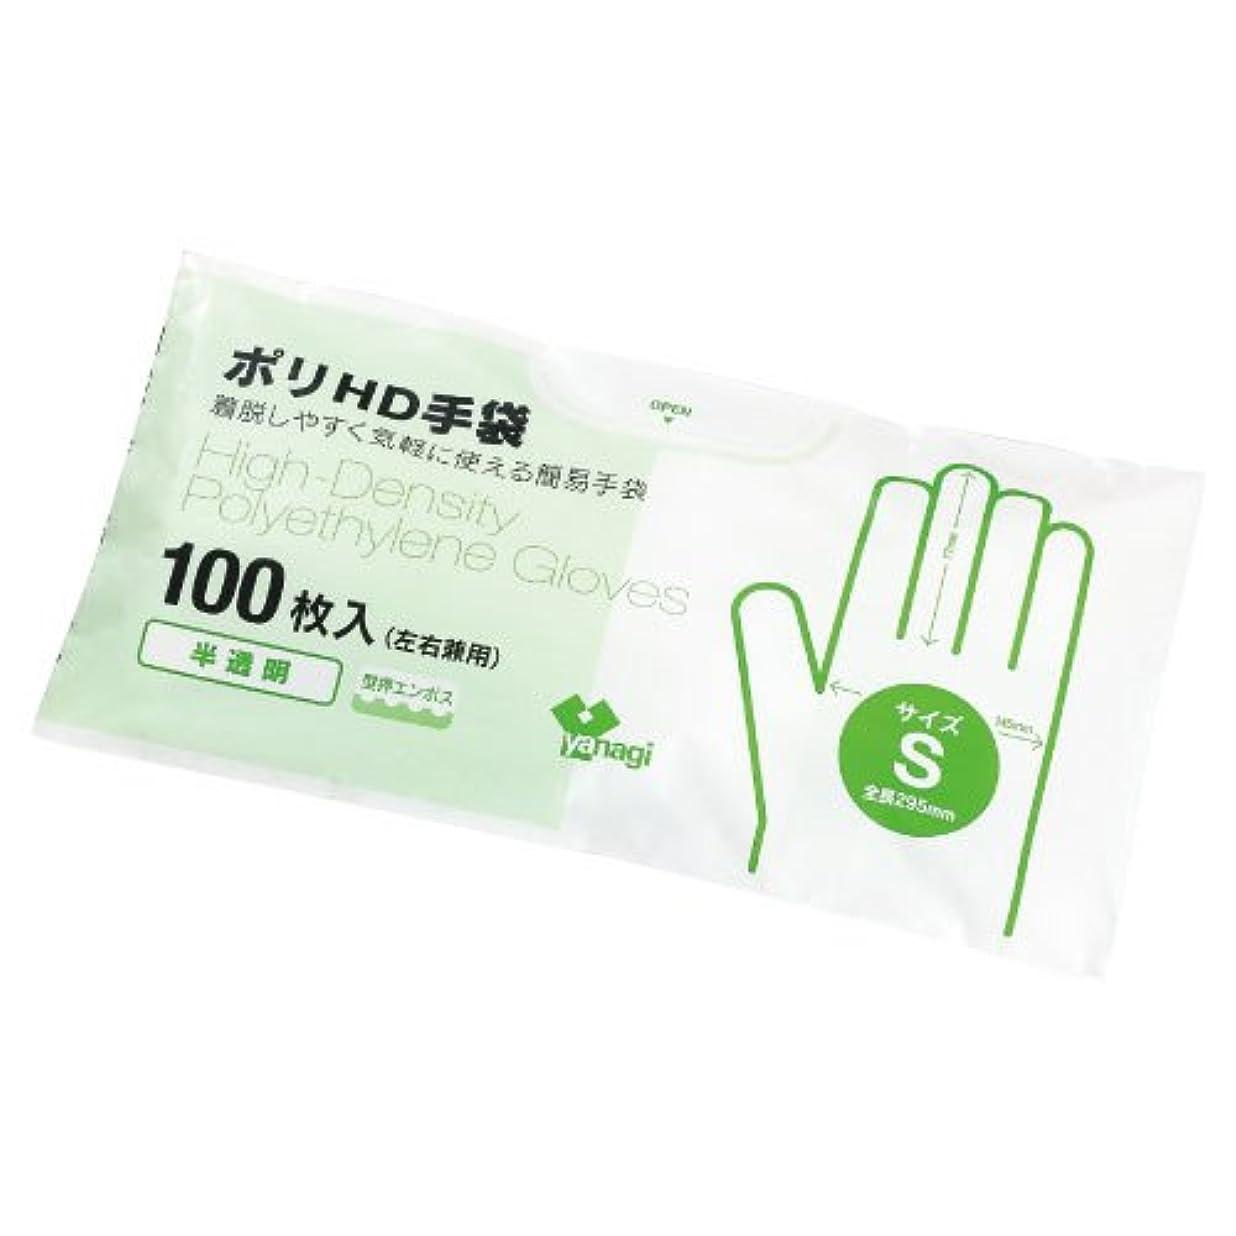 彫刻母ジェームズダイソンポリHD手袋(半透明)型押エンボス TB-202(S)100???? ???HD???????????????(24-2575-00)【やなぎプロダクツ】[120袋単位]